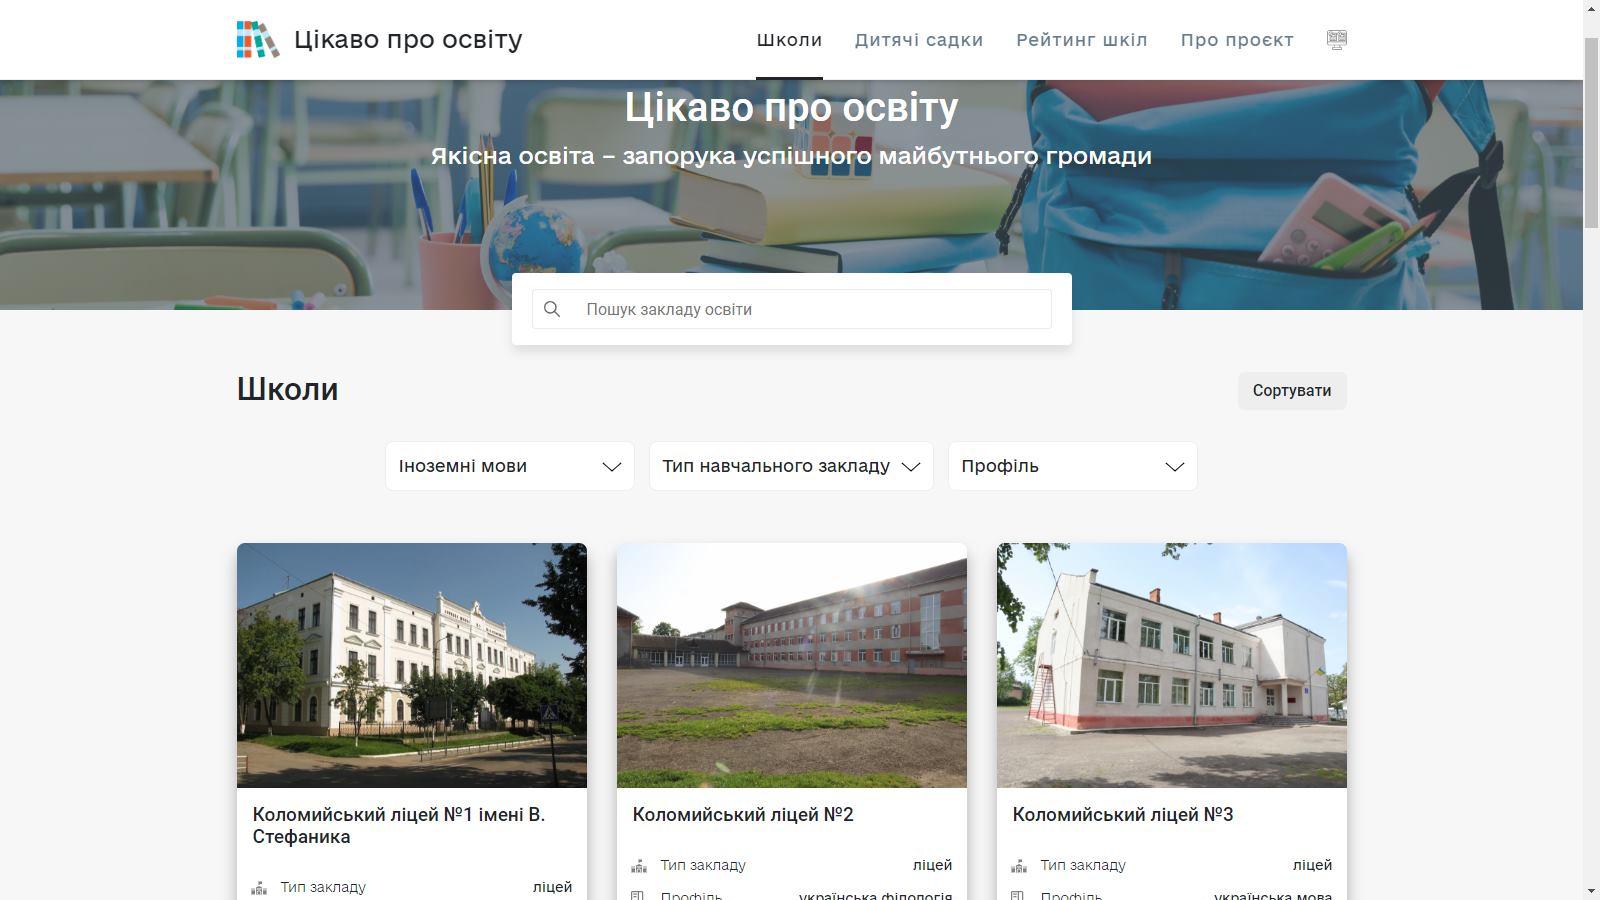 Кількість учнів, вік вчителів та бали ЗНО: у Коломиї створили унікальний сайт з рейтингом дитсадків та шкіл